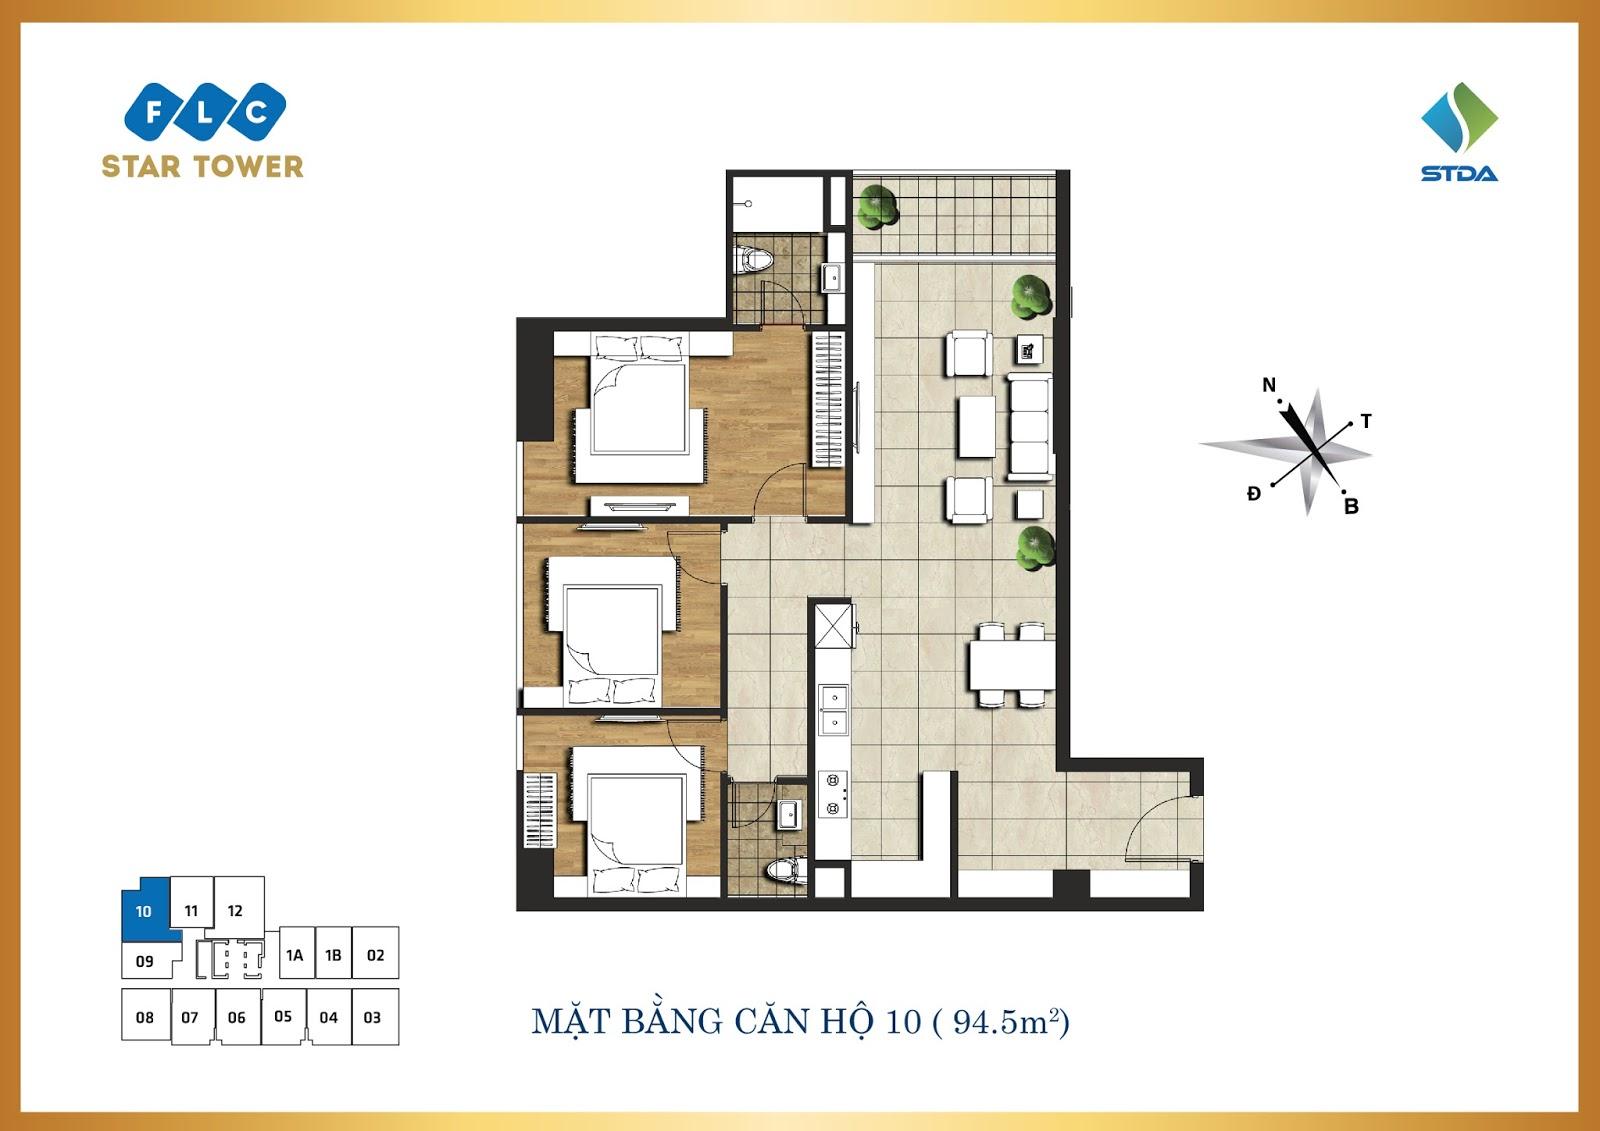 Thiết kế căn hộ số 10 - Chung cư FLC Star Tower